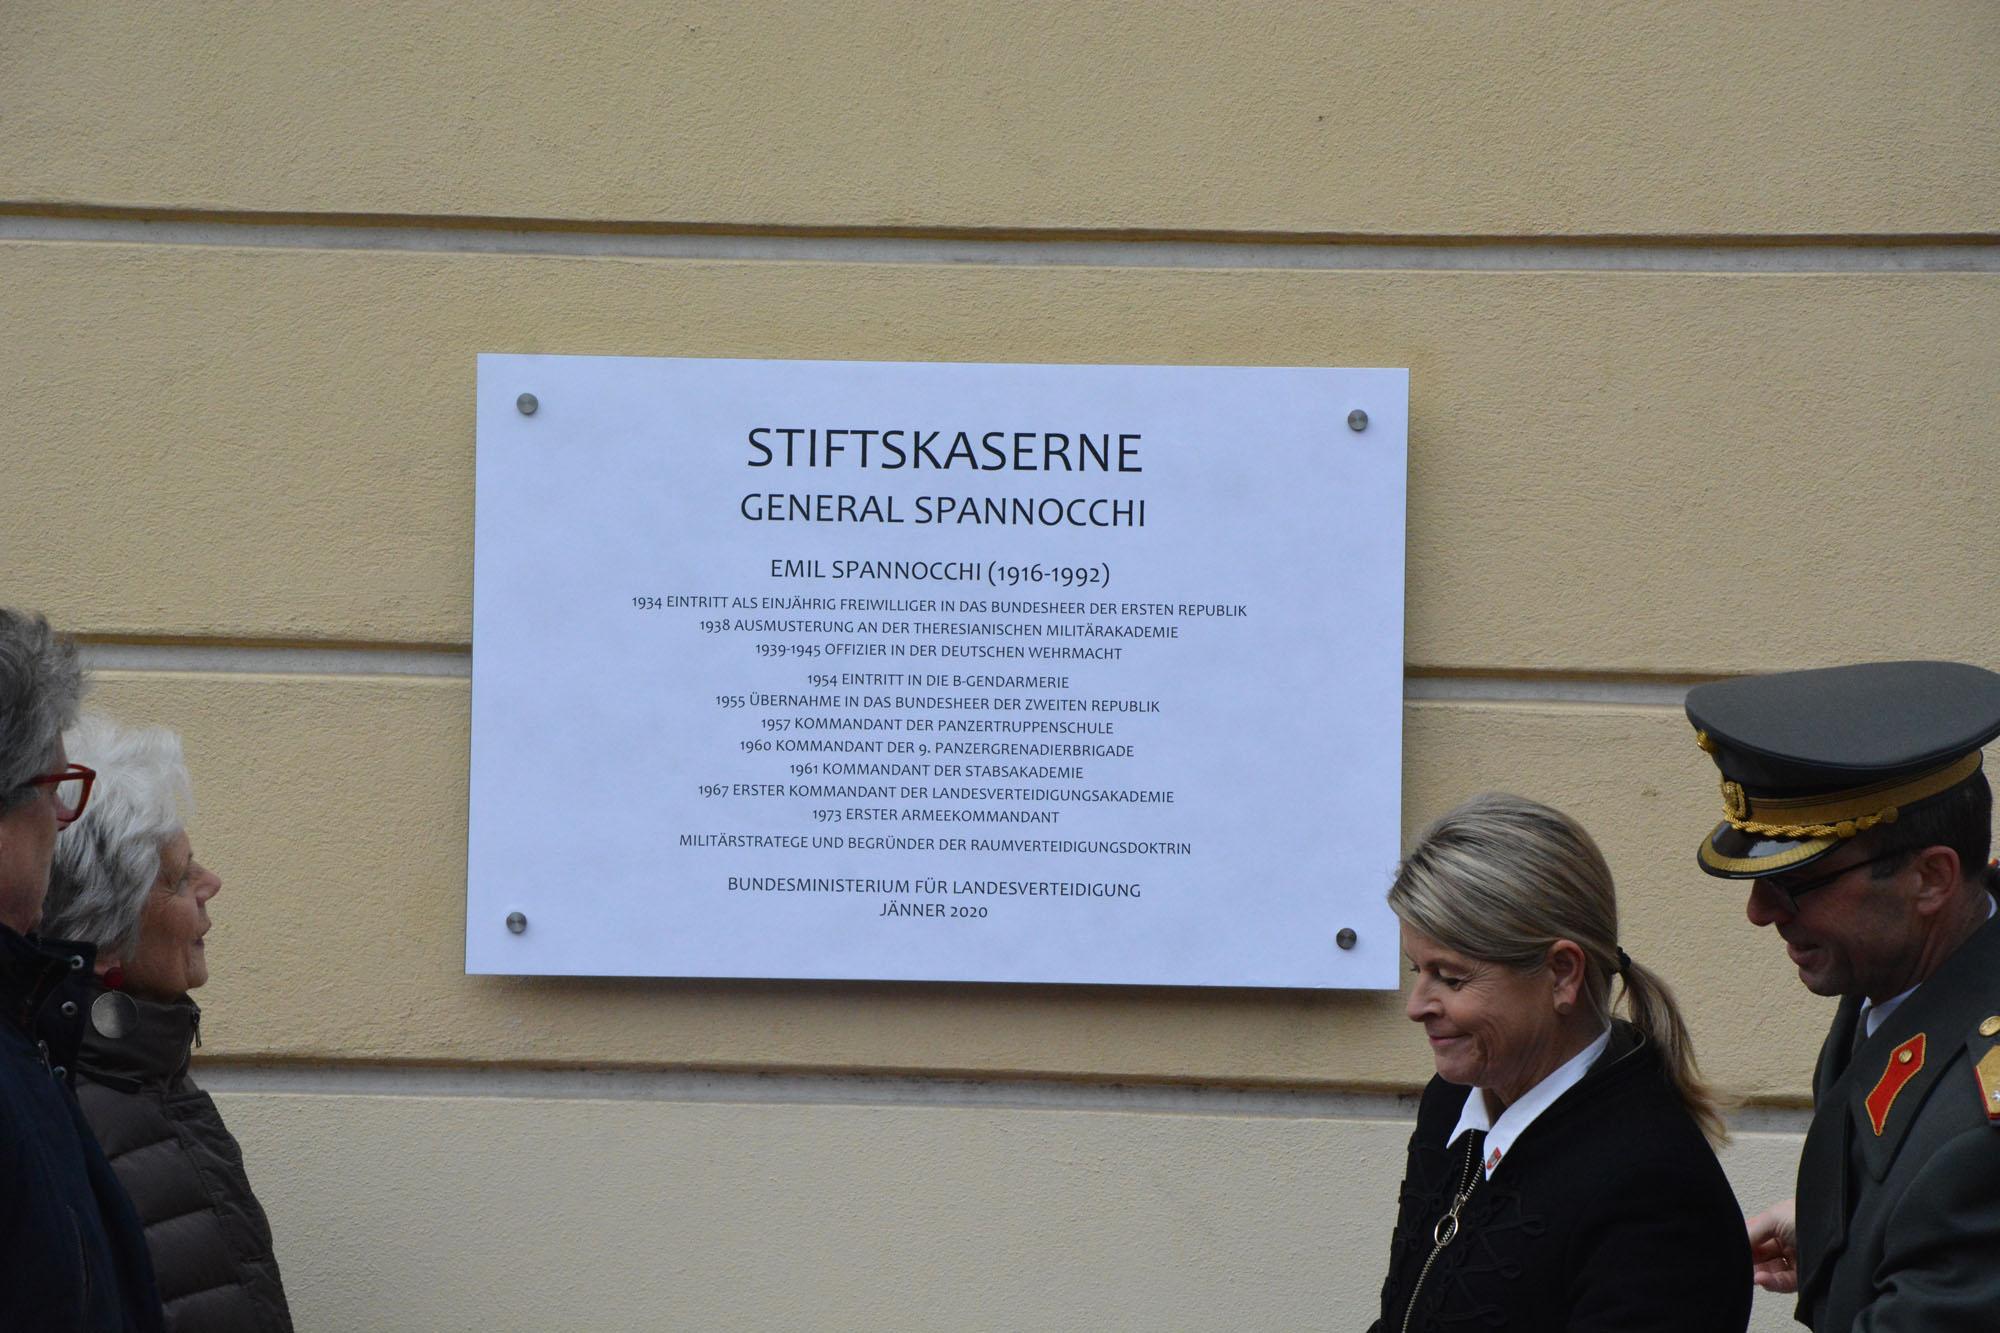 2020_01_27_Garde_3GdKp_Umbenennung-Stiftskaserne-in-General-Spannocchi_DSC_3636